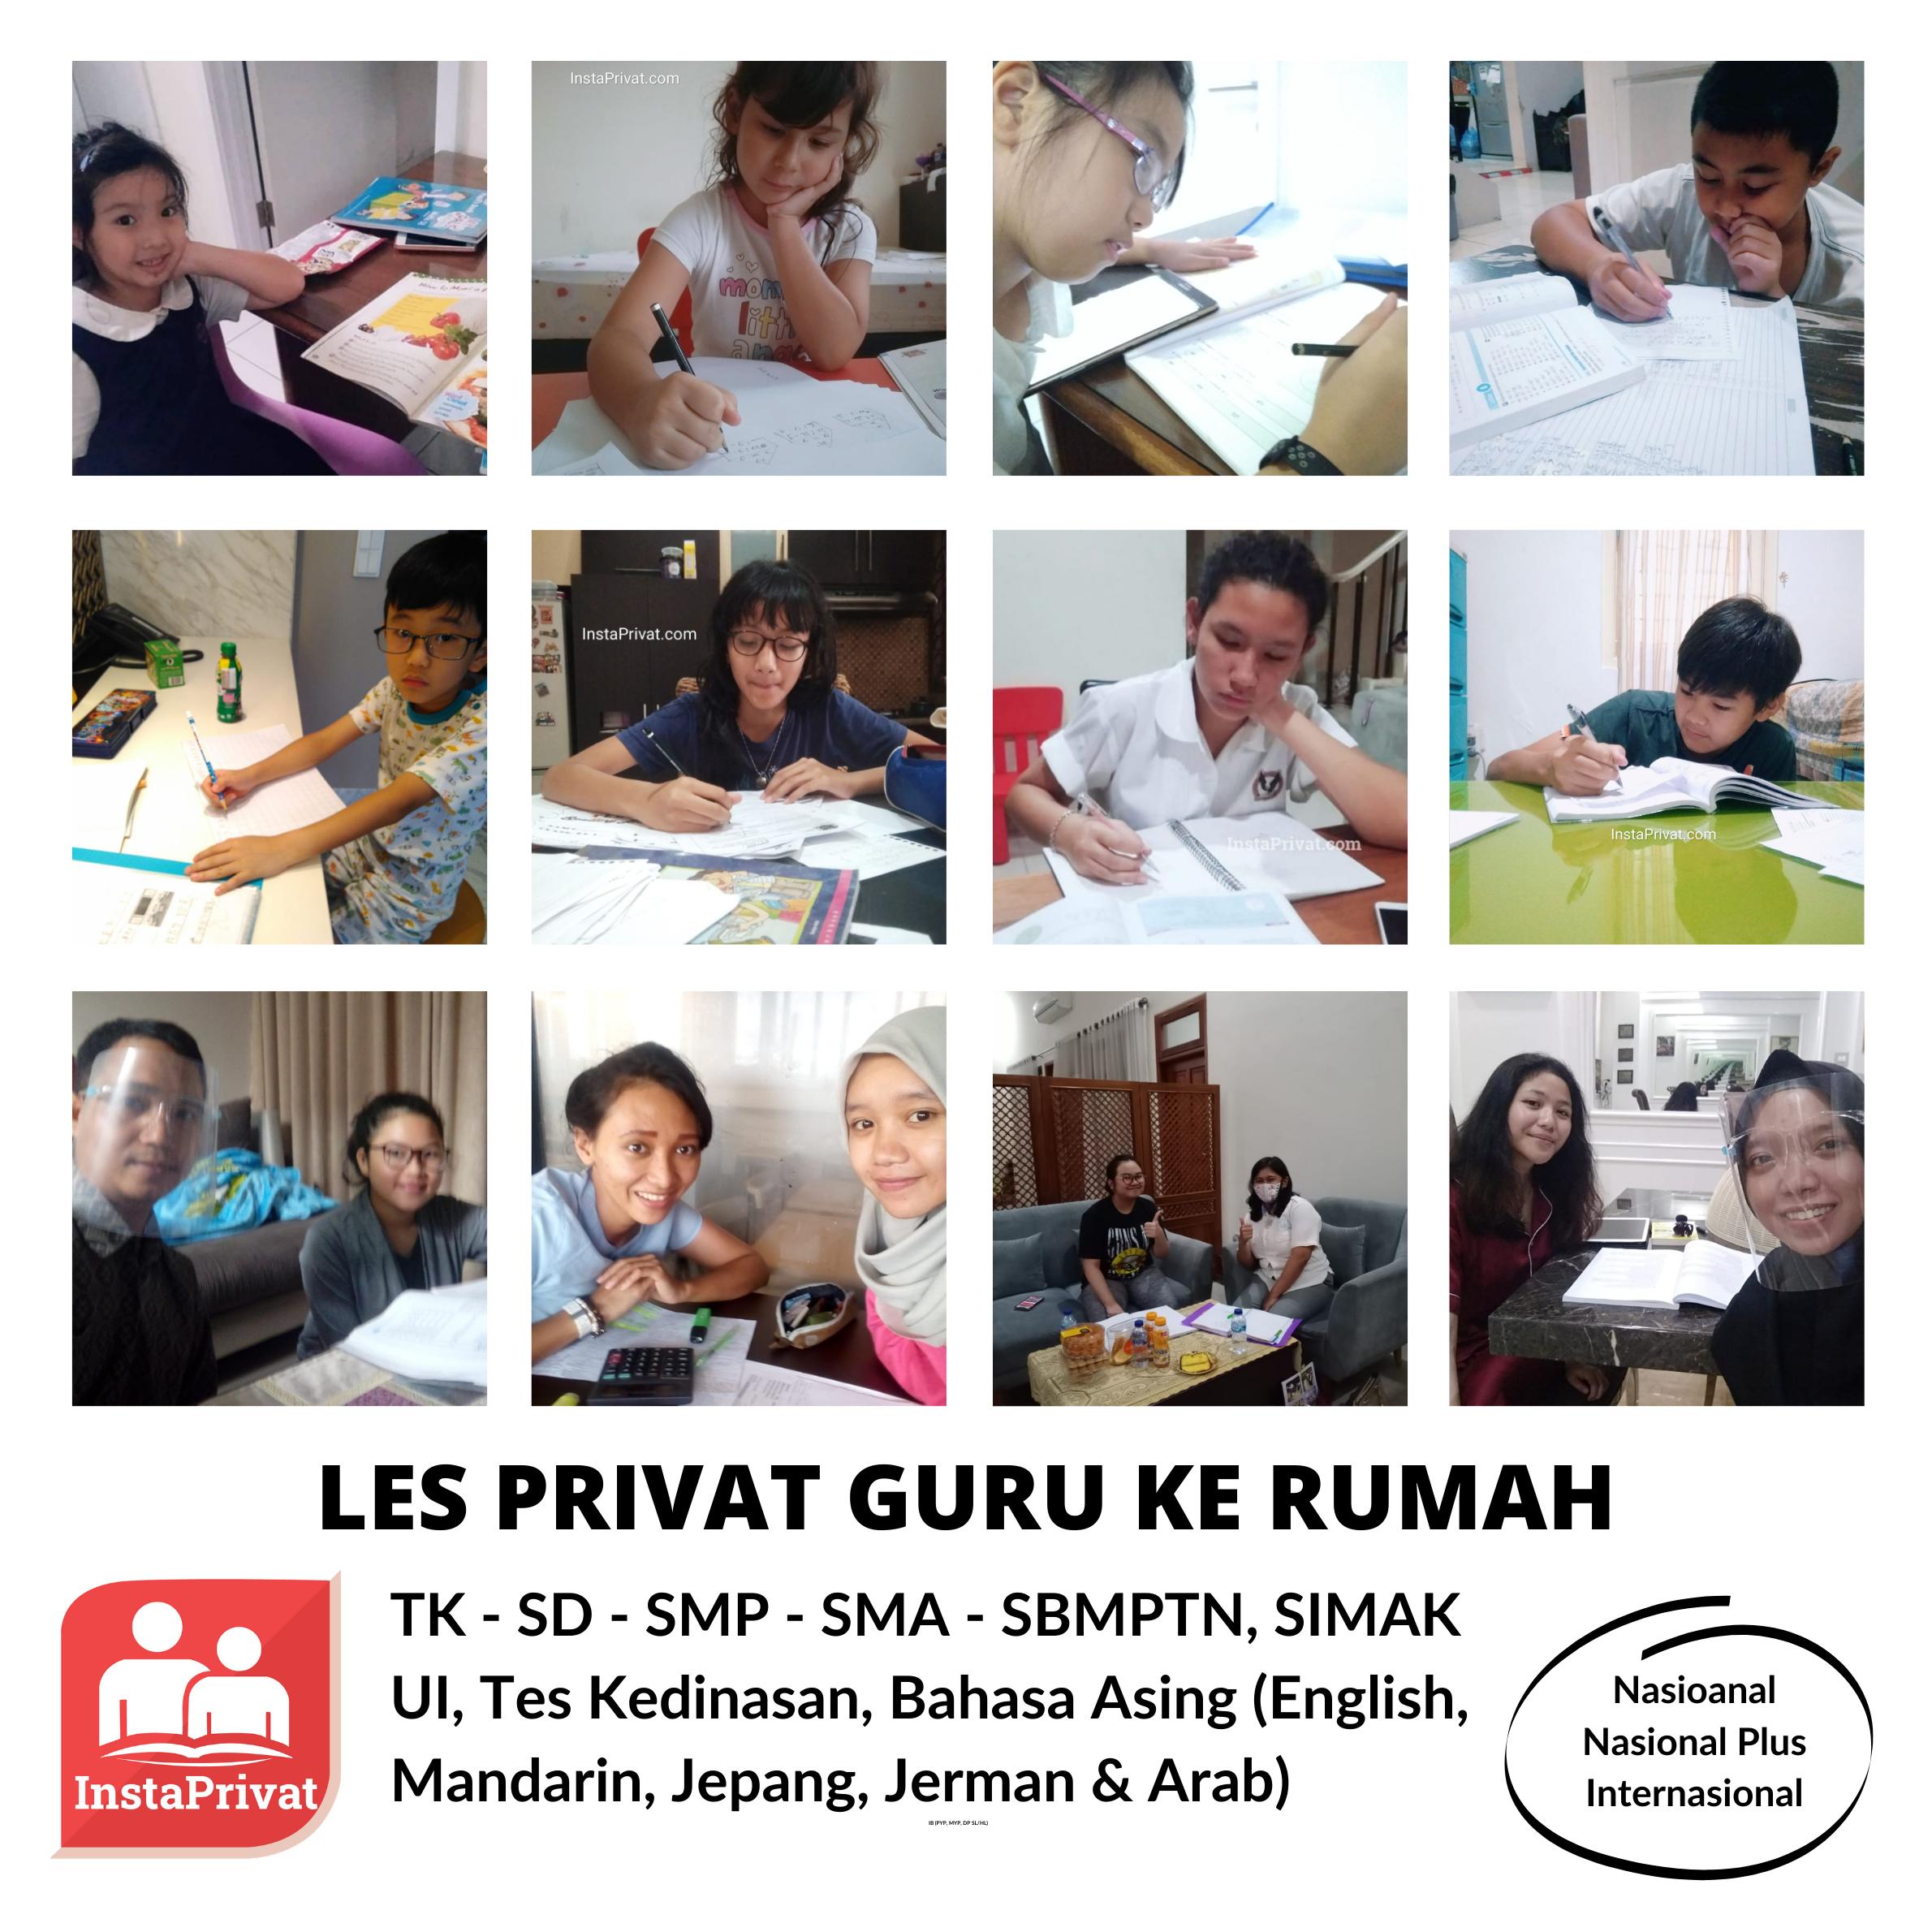 Les privat terbaik di jabodetabek guru ke rumah biaya termurah TK - SD - SMP - SMA - SBMPTN - Mahasiswa - Umum